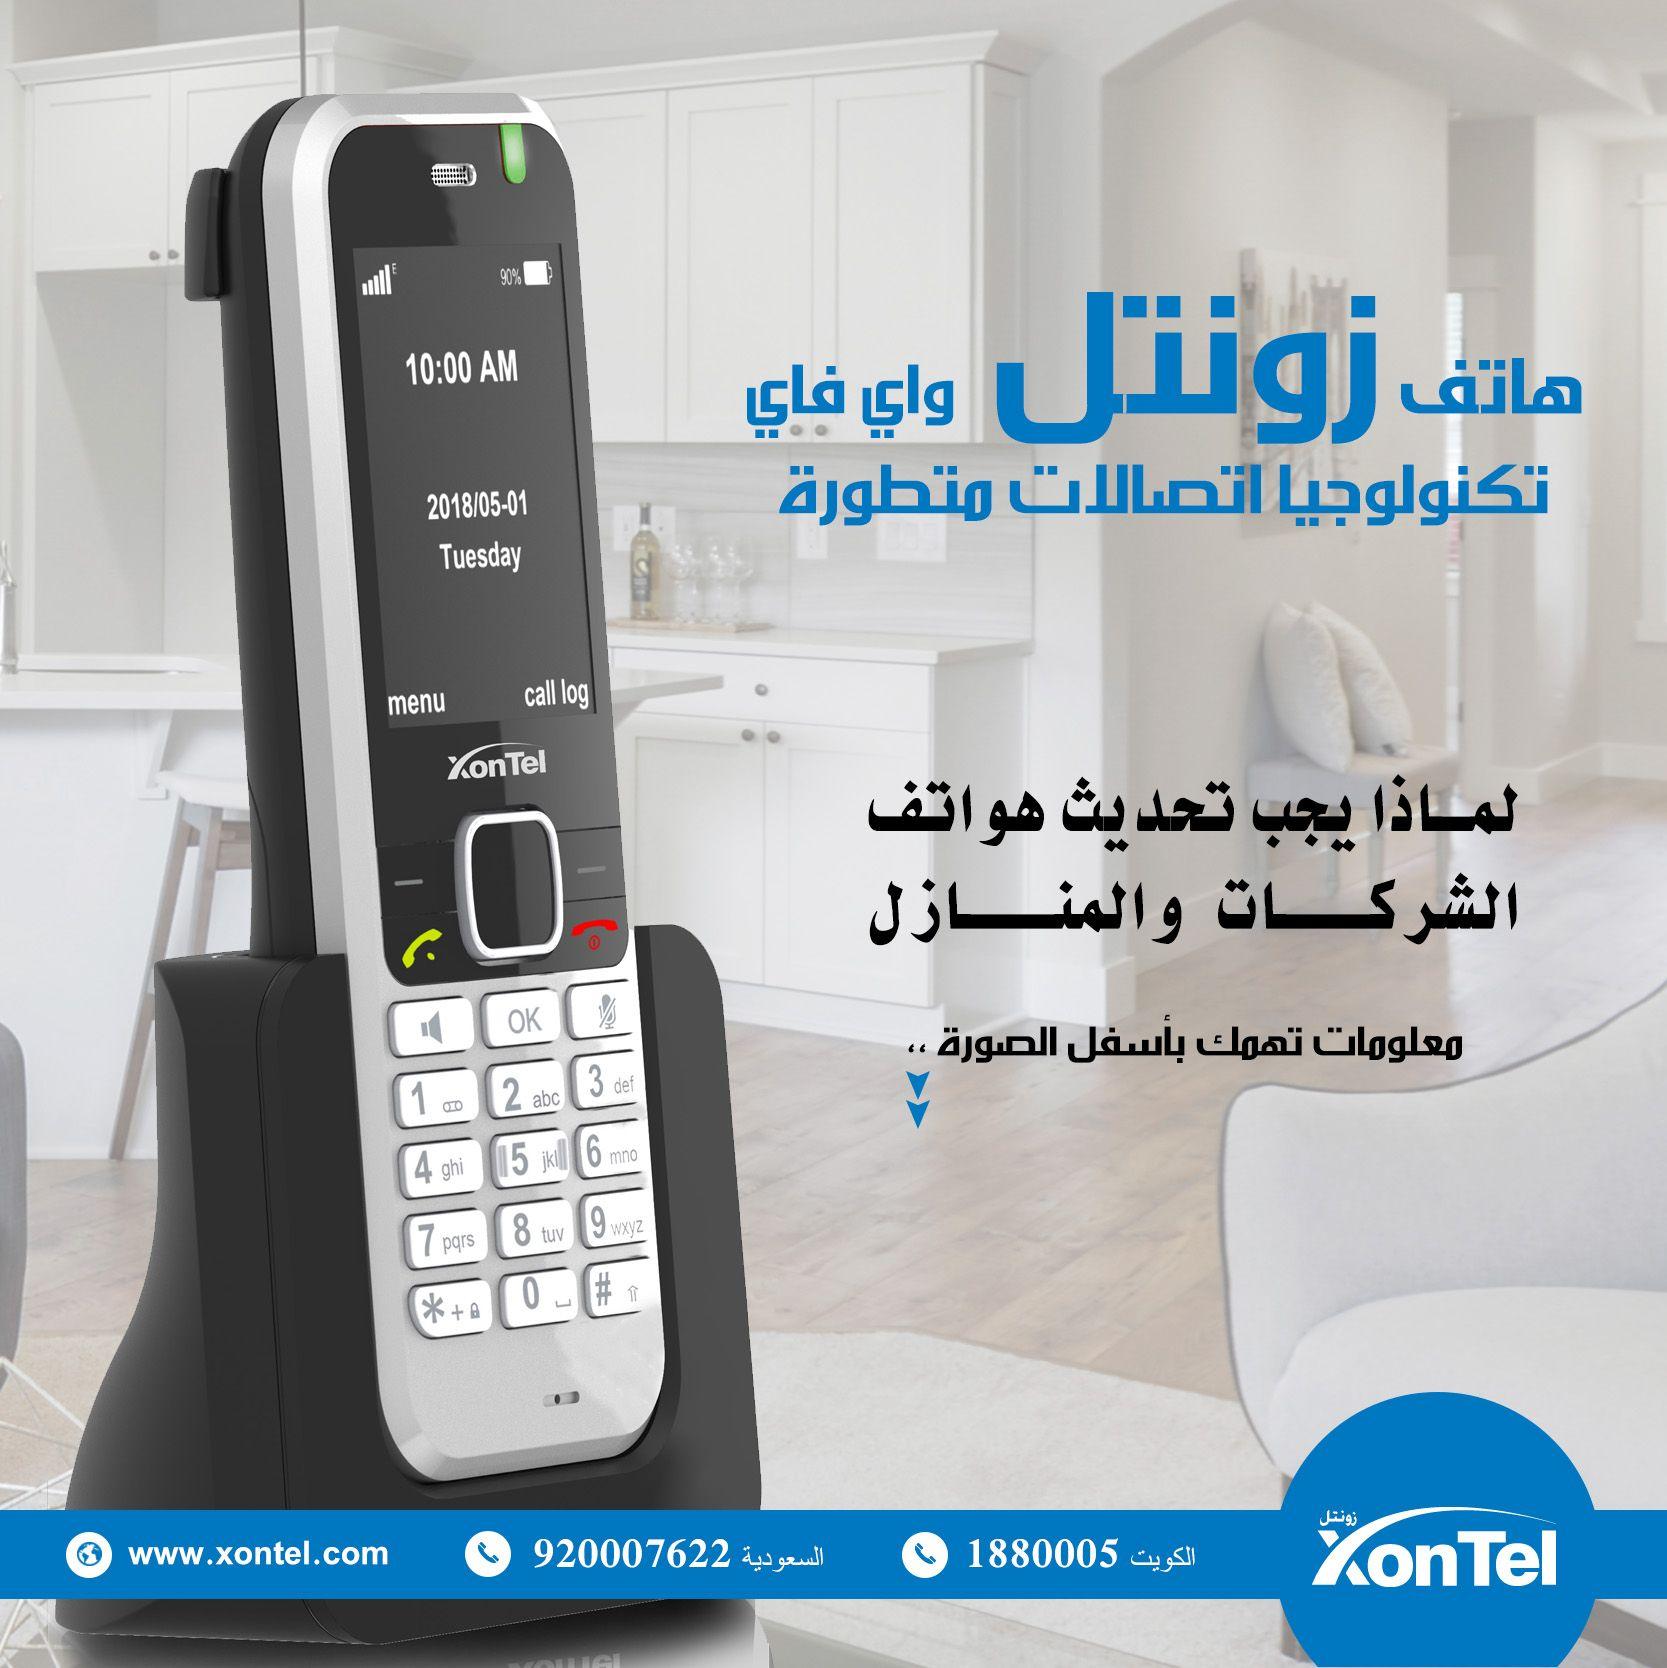 مع تطو تقنيات الاتصالات تدخل للأسواق منتجات جديدة تسهل علينا استخدام التقنيات الصوتيةالجديدةفي عالم بدالات Ipالمتطورة في ال Electronic Products Phone 10 Things